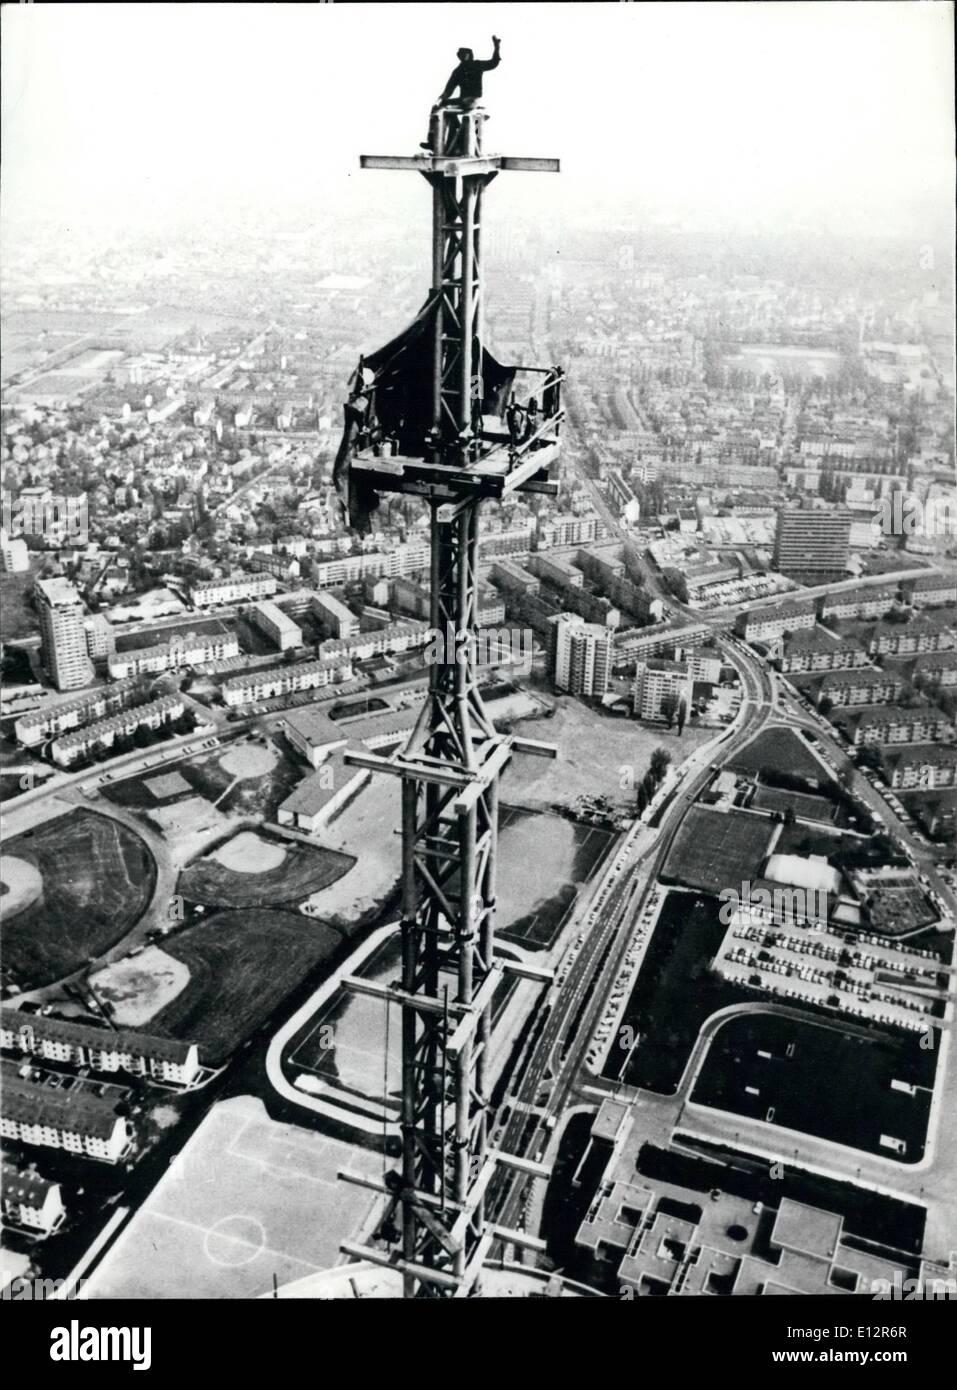 25 février 2012 - Au sommet de son travail! Obtenir jusqu au dessus d'un travail peut parfois se révéler plus difficile qu'il n'y paraît, mais cet édifice travailleur dans Francfort, Allemagne de l'Ouest, il s'est avéré être juste une montée rectiligne. En fait, la grande tour est une nouvelle antenne de télévision pour cette partie de l'Allemagne de l'Ouest. Une fois rempli, il tower 331 mètres de hauteur et devenir le point le plus haut en Europe de l'Ouest. Banque D'Images